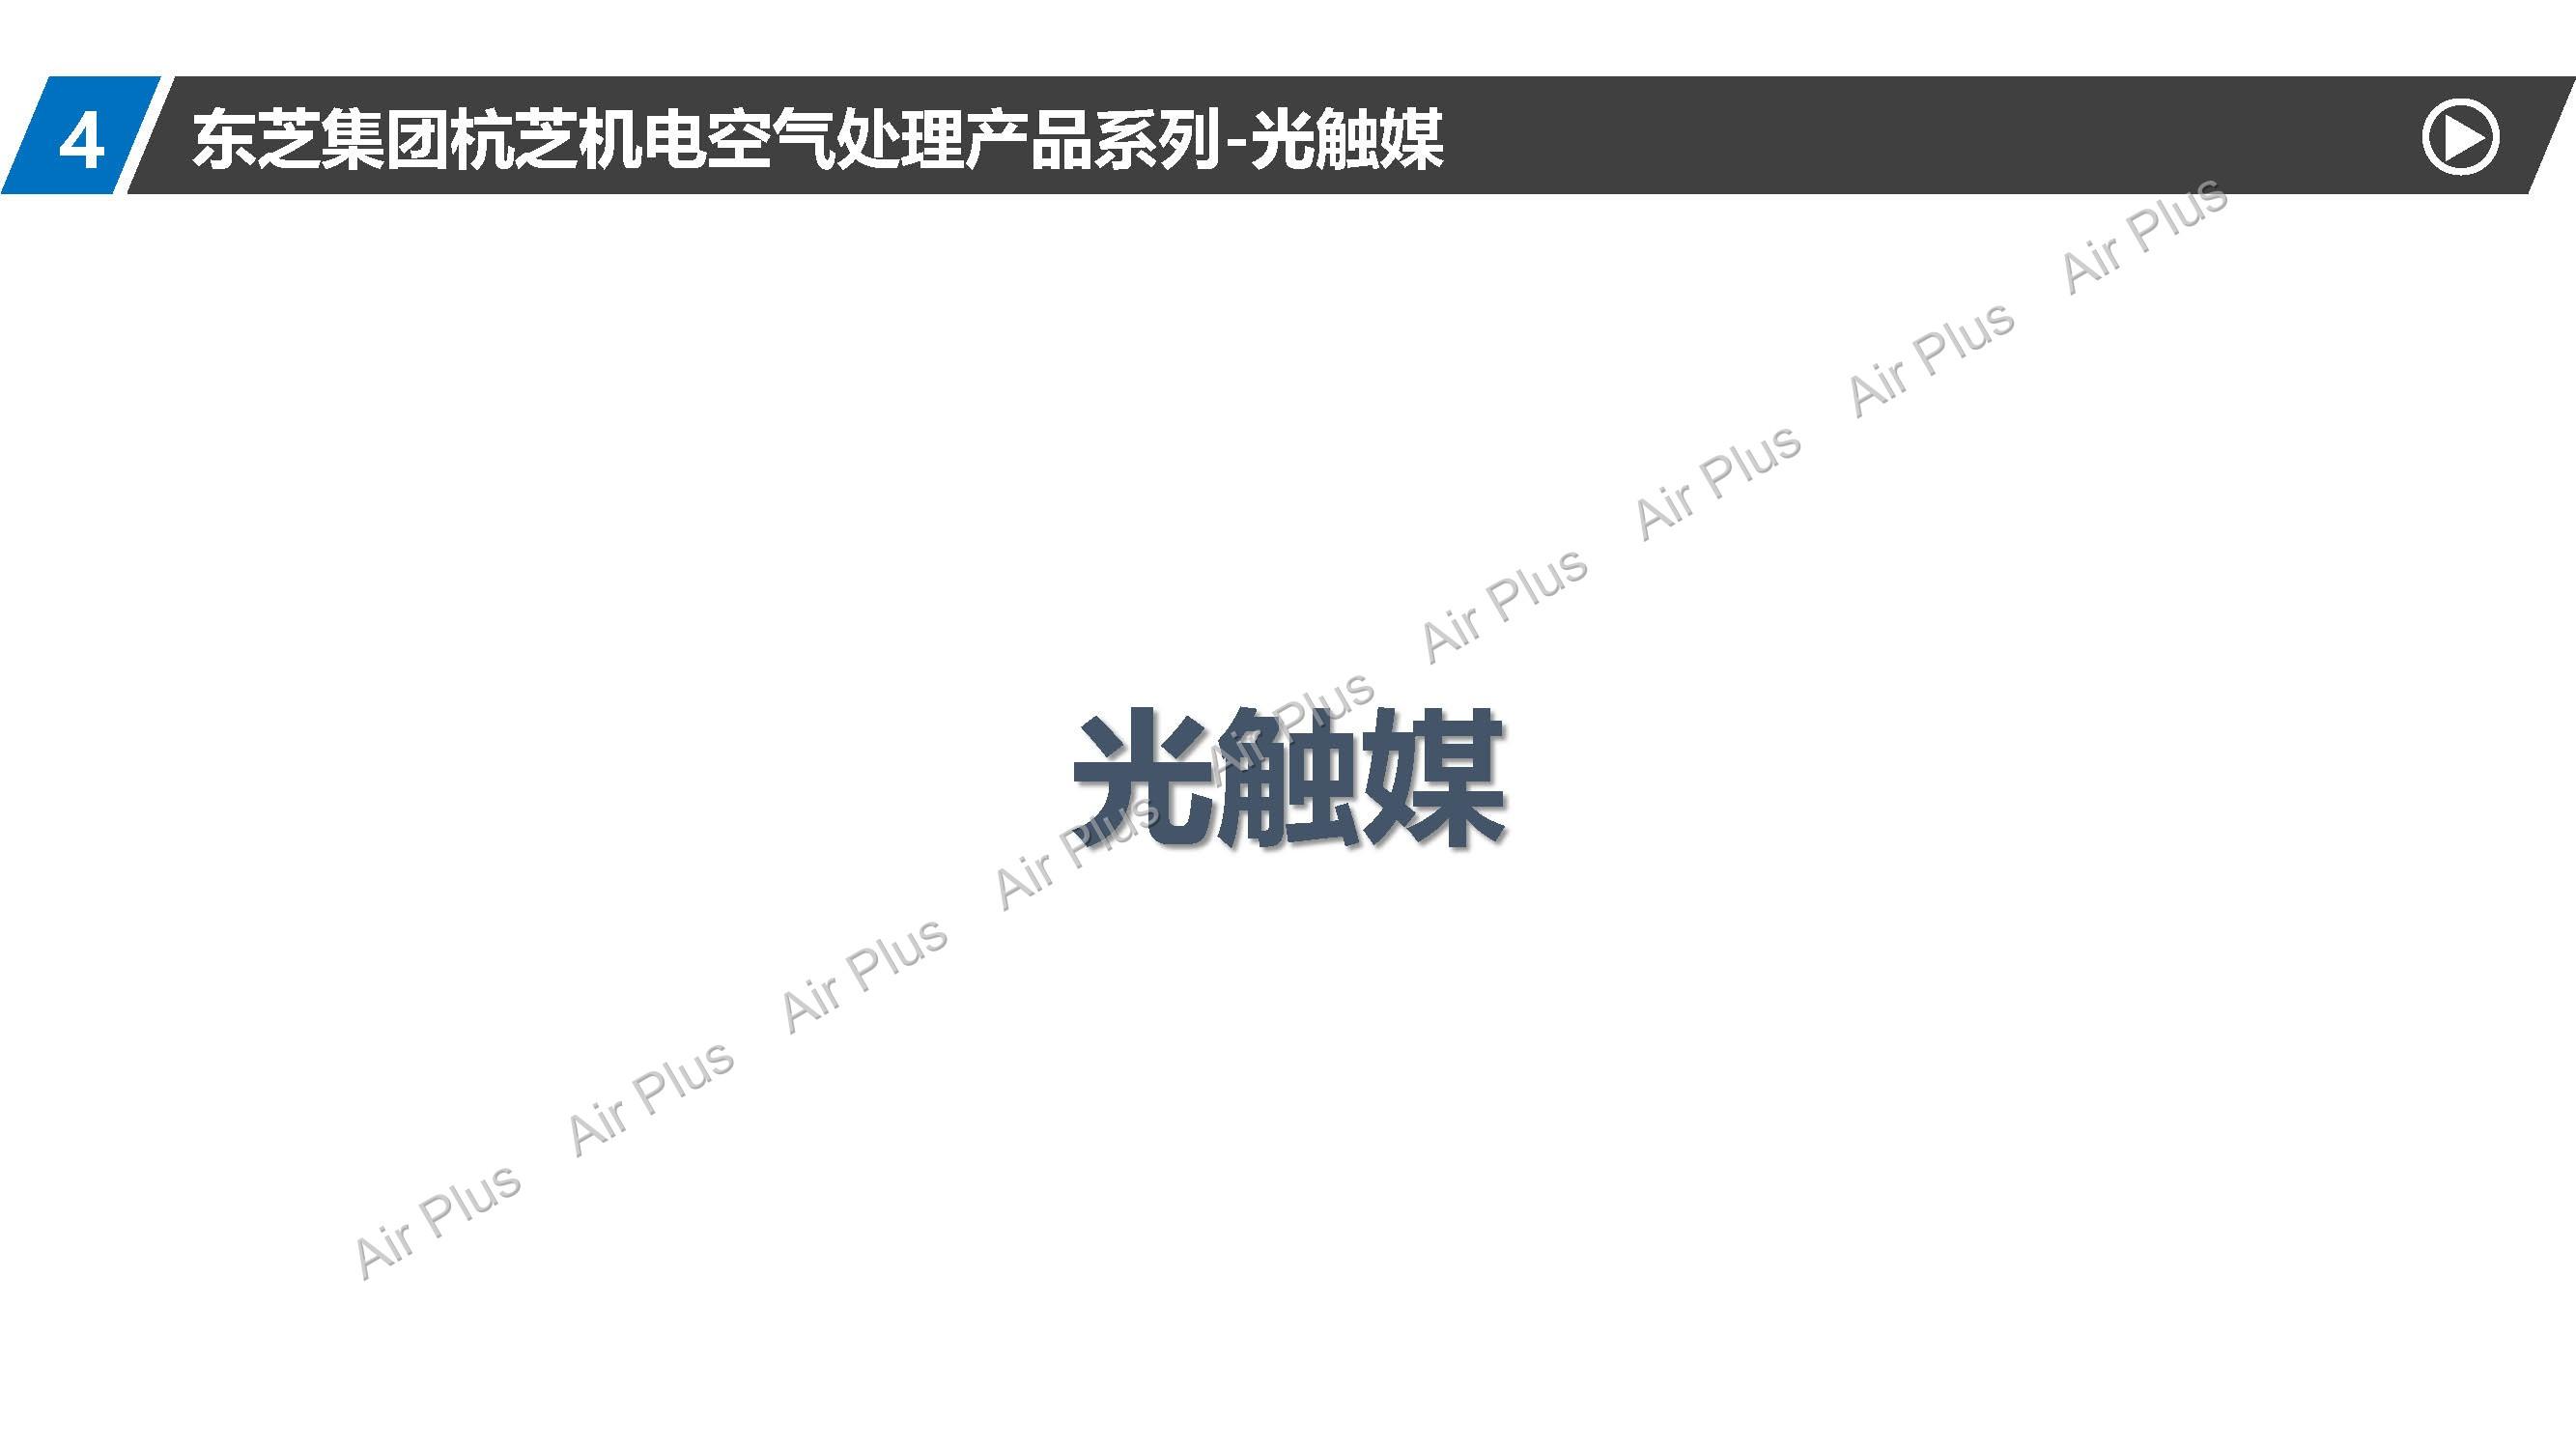 清芝洁空气处理新品介绍简介_页面_04.jpg